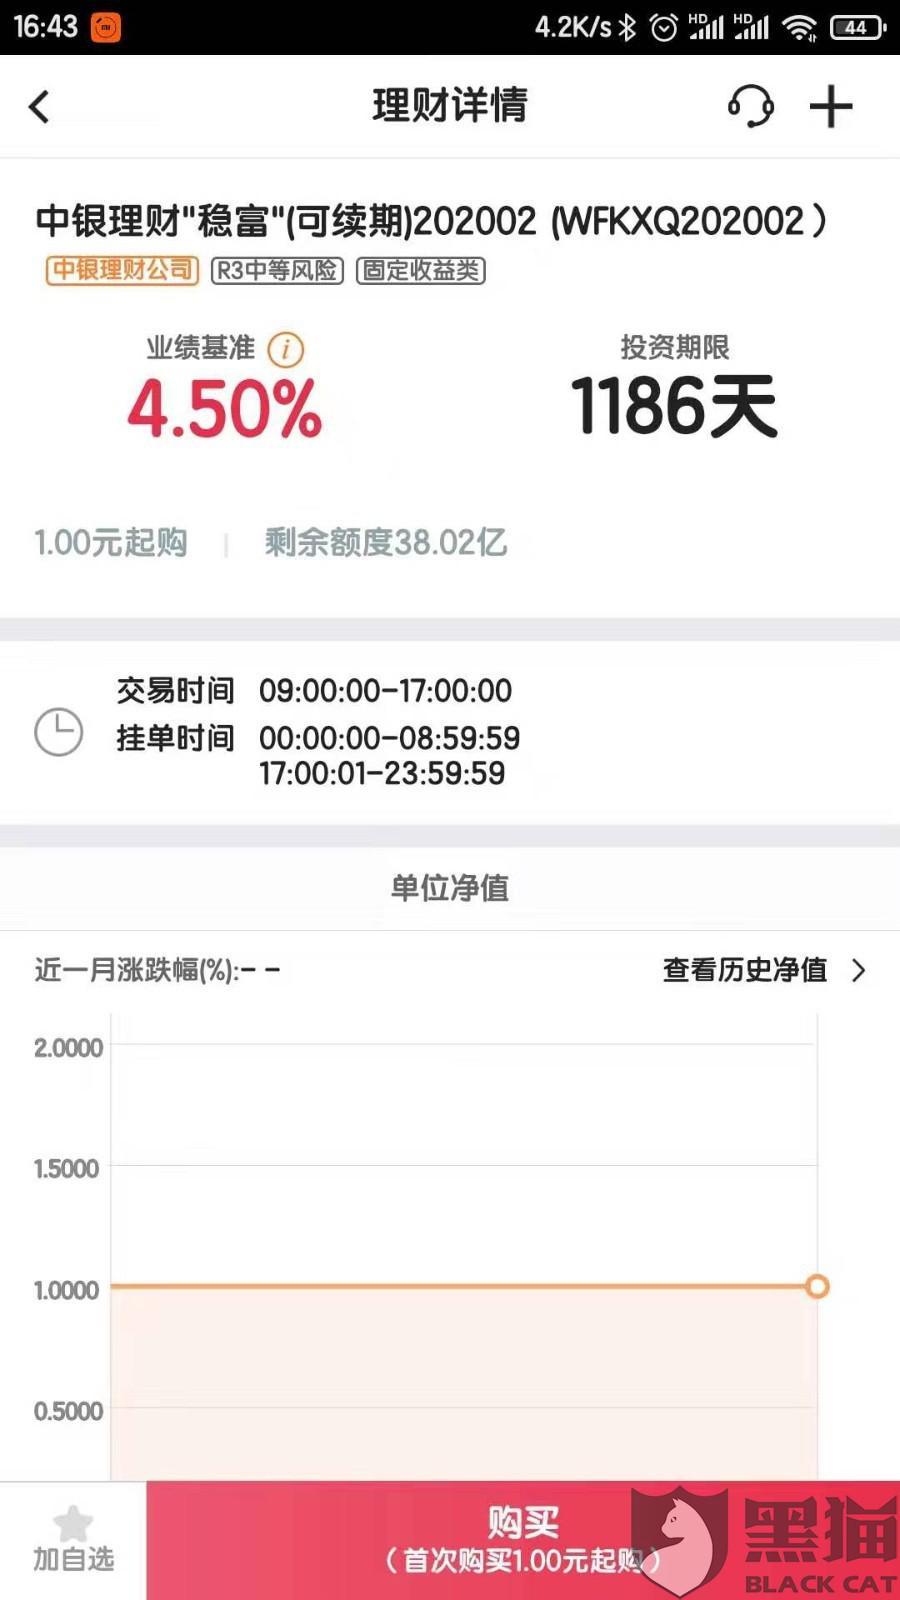 """黑猫投诉:中国银行中银理财""""稳富""""(可续期)理财产品虚假宣传、诱导客户"""